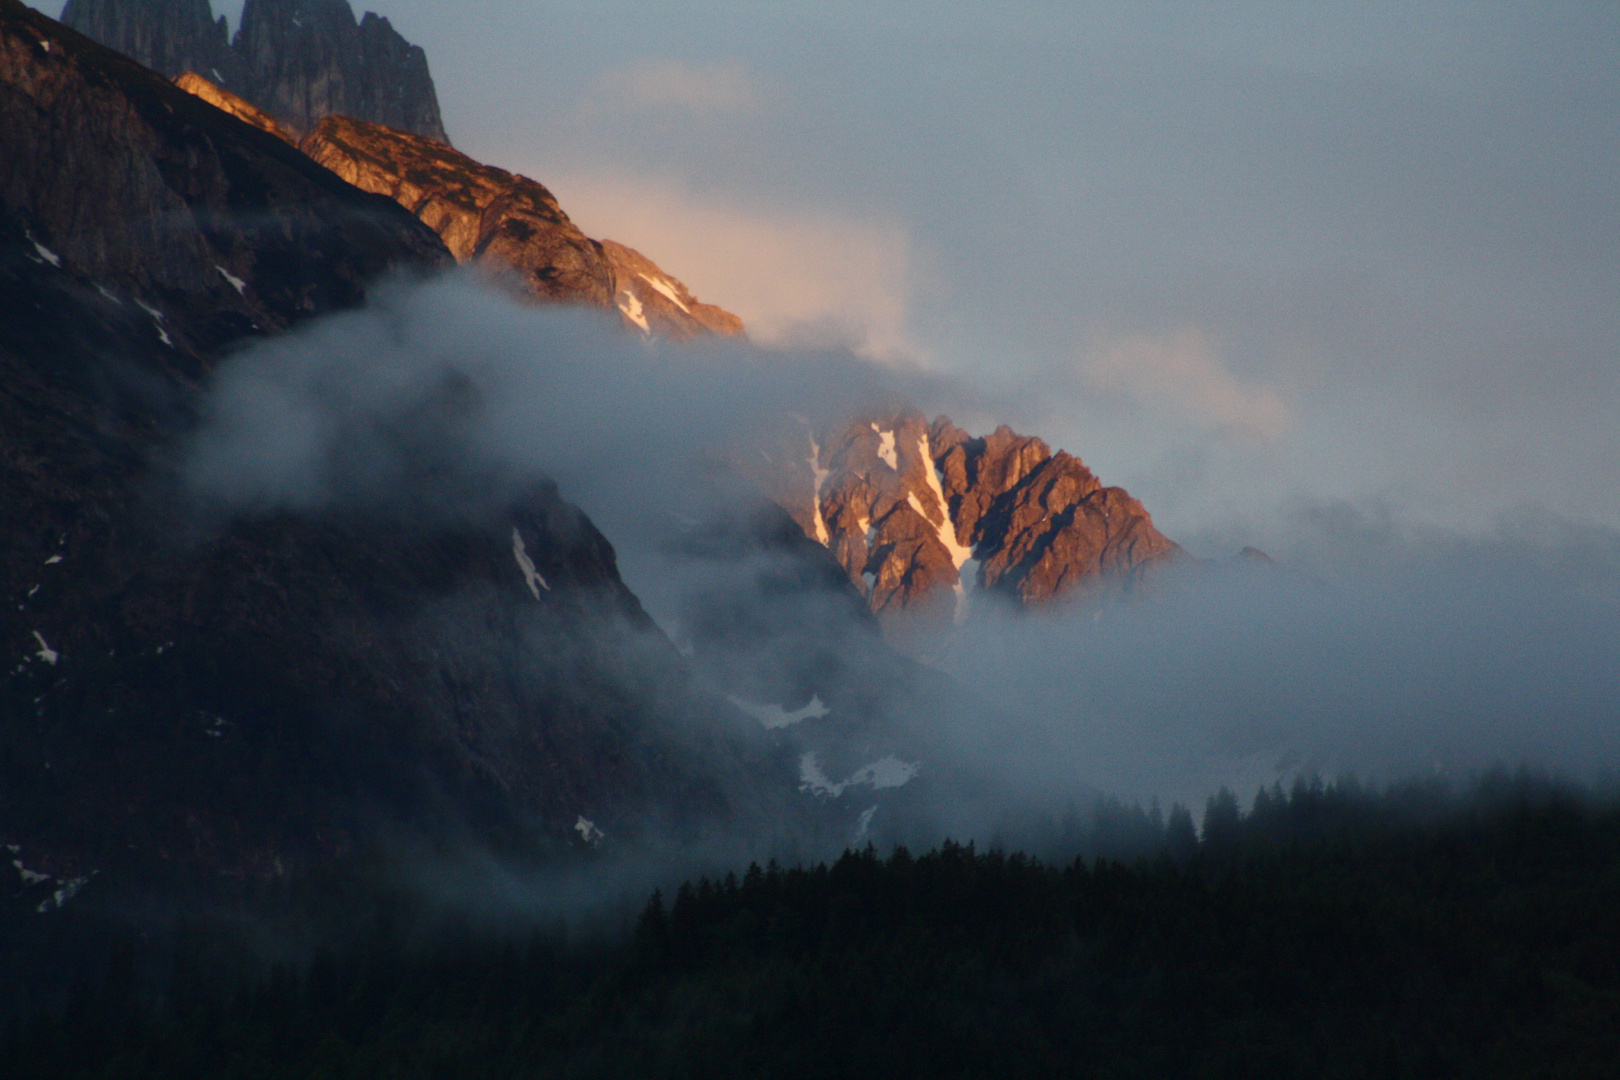 Der Berg ruft